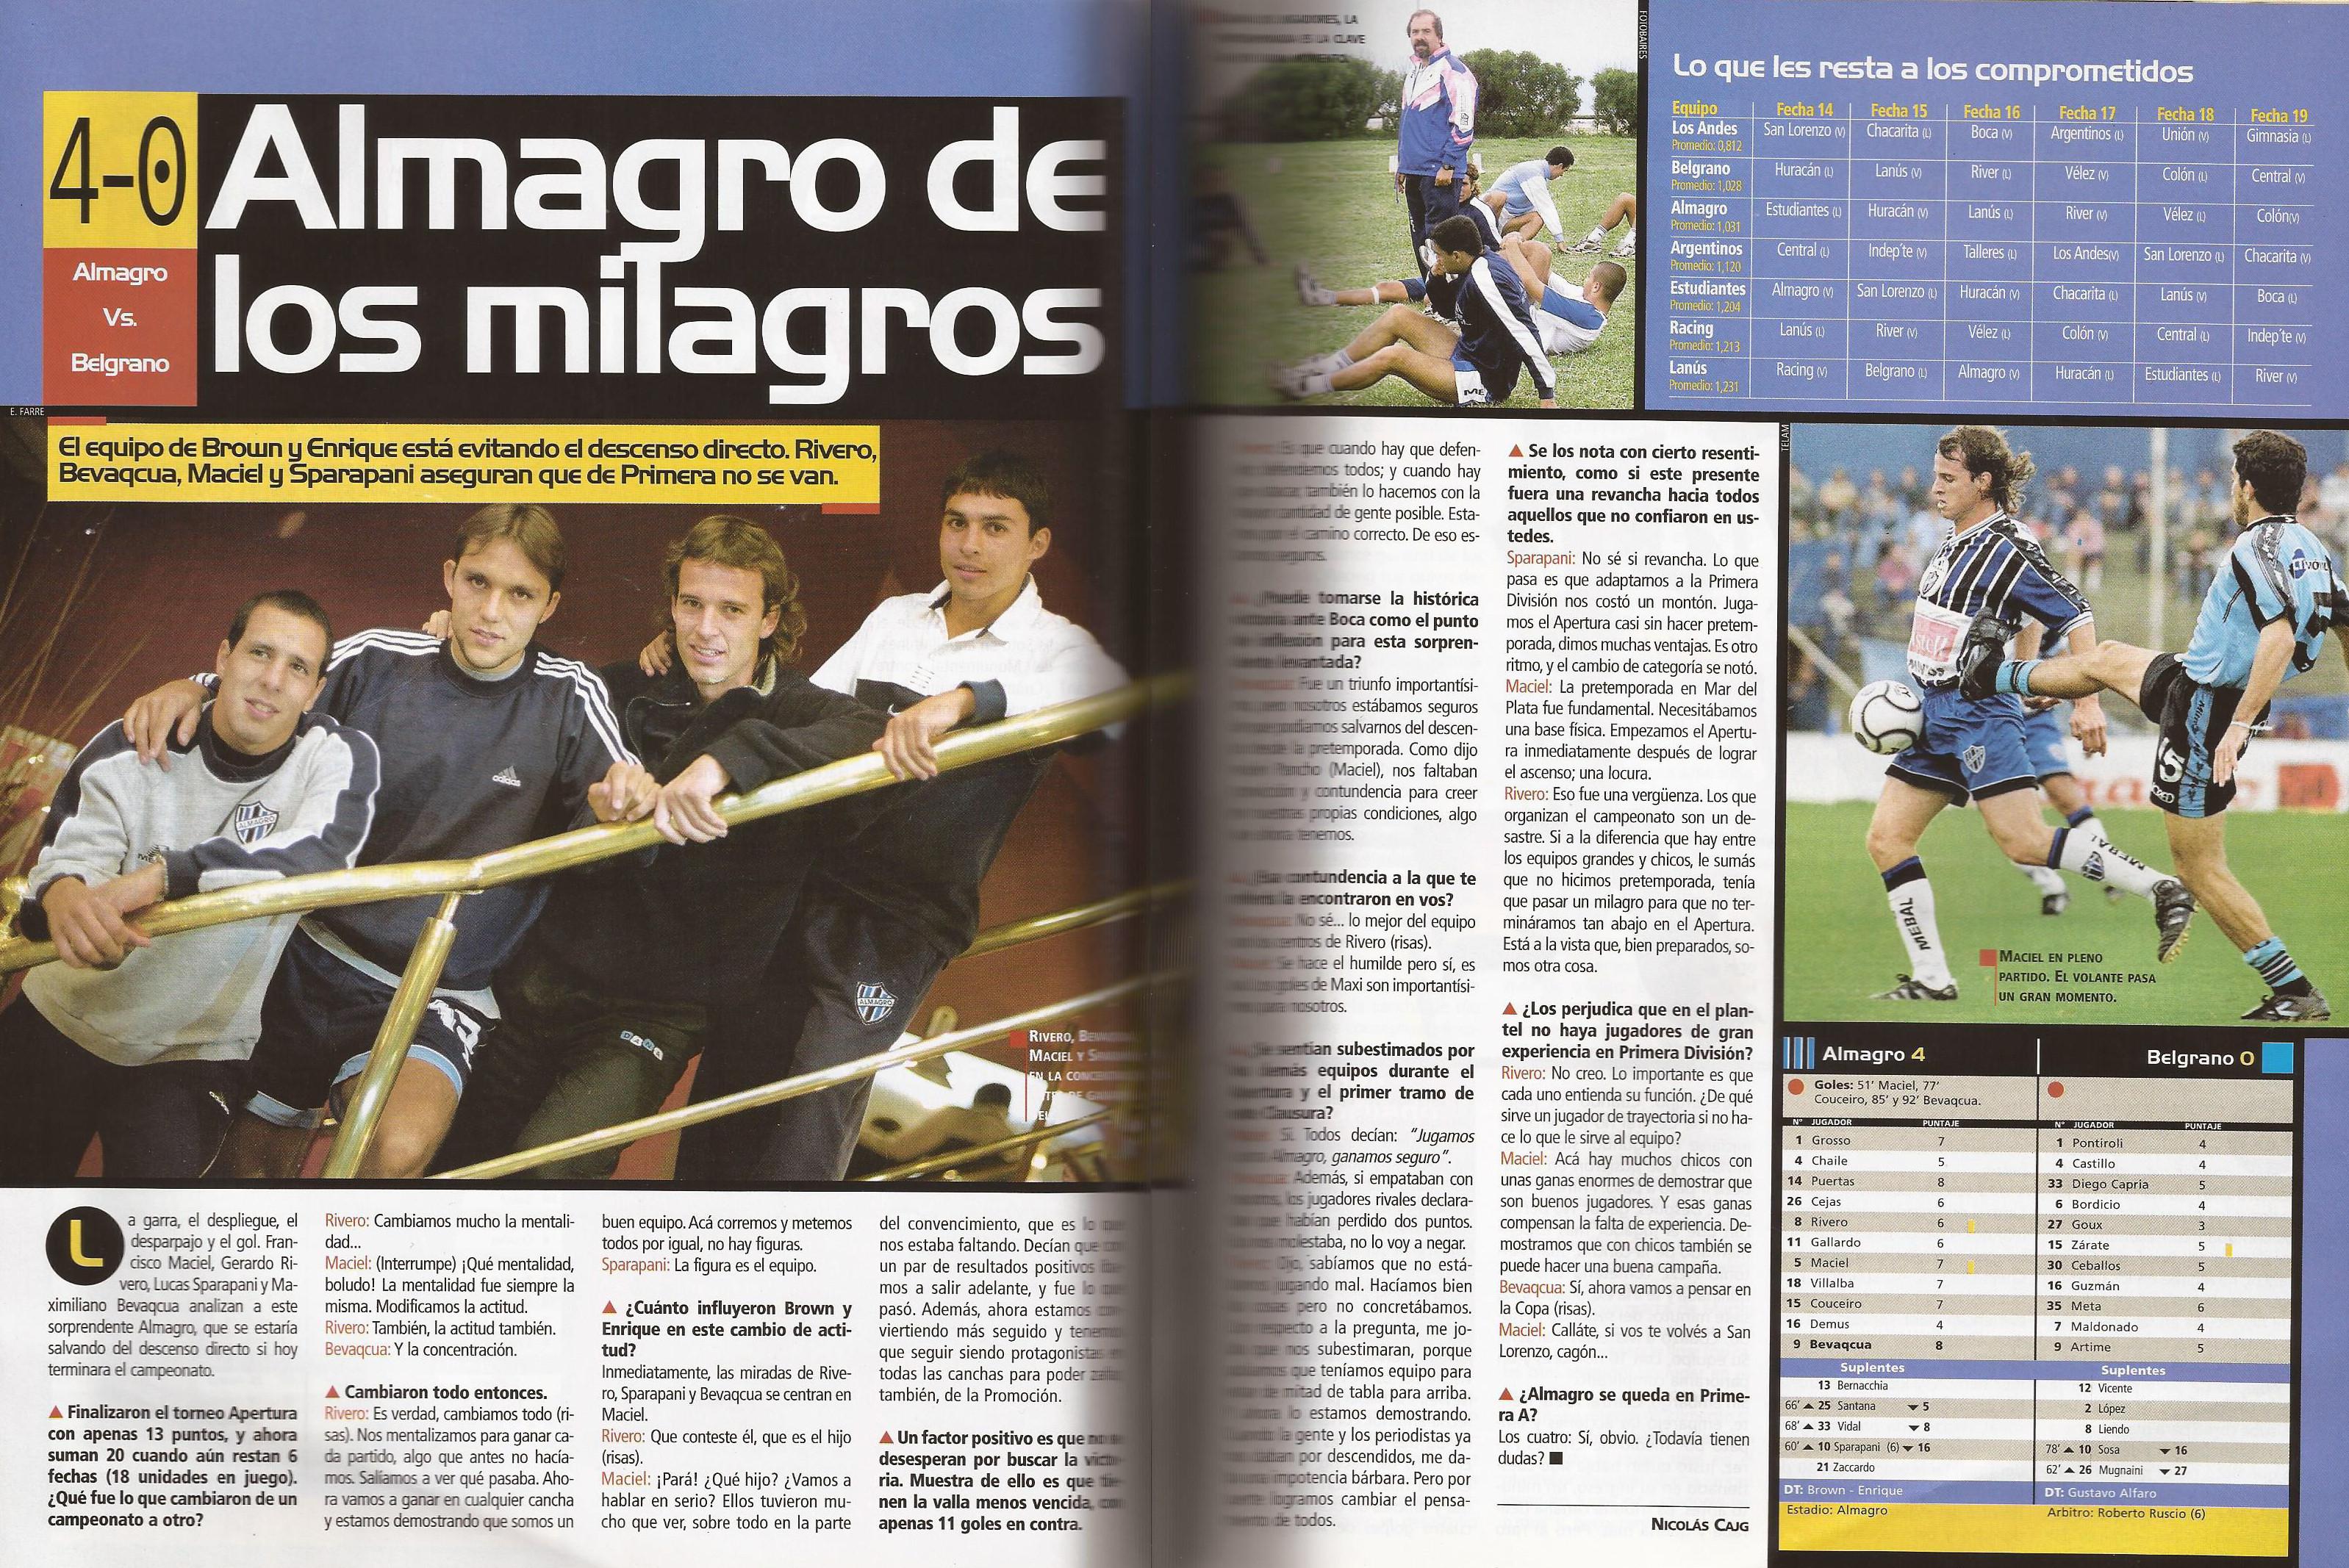 2000-01 Primera Division - Almagro vs Belgrano - Revista Pasion